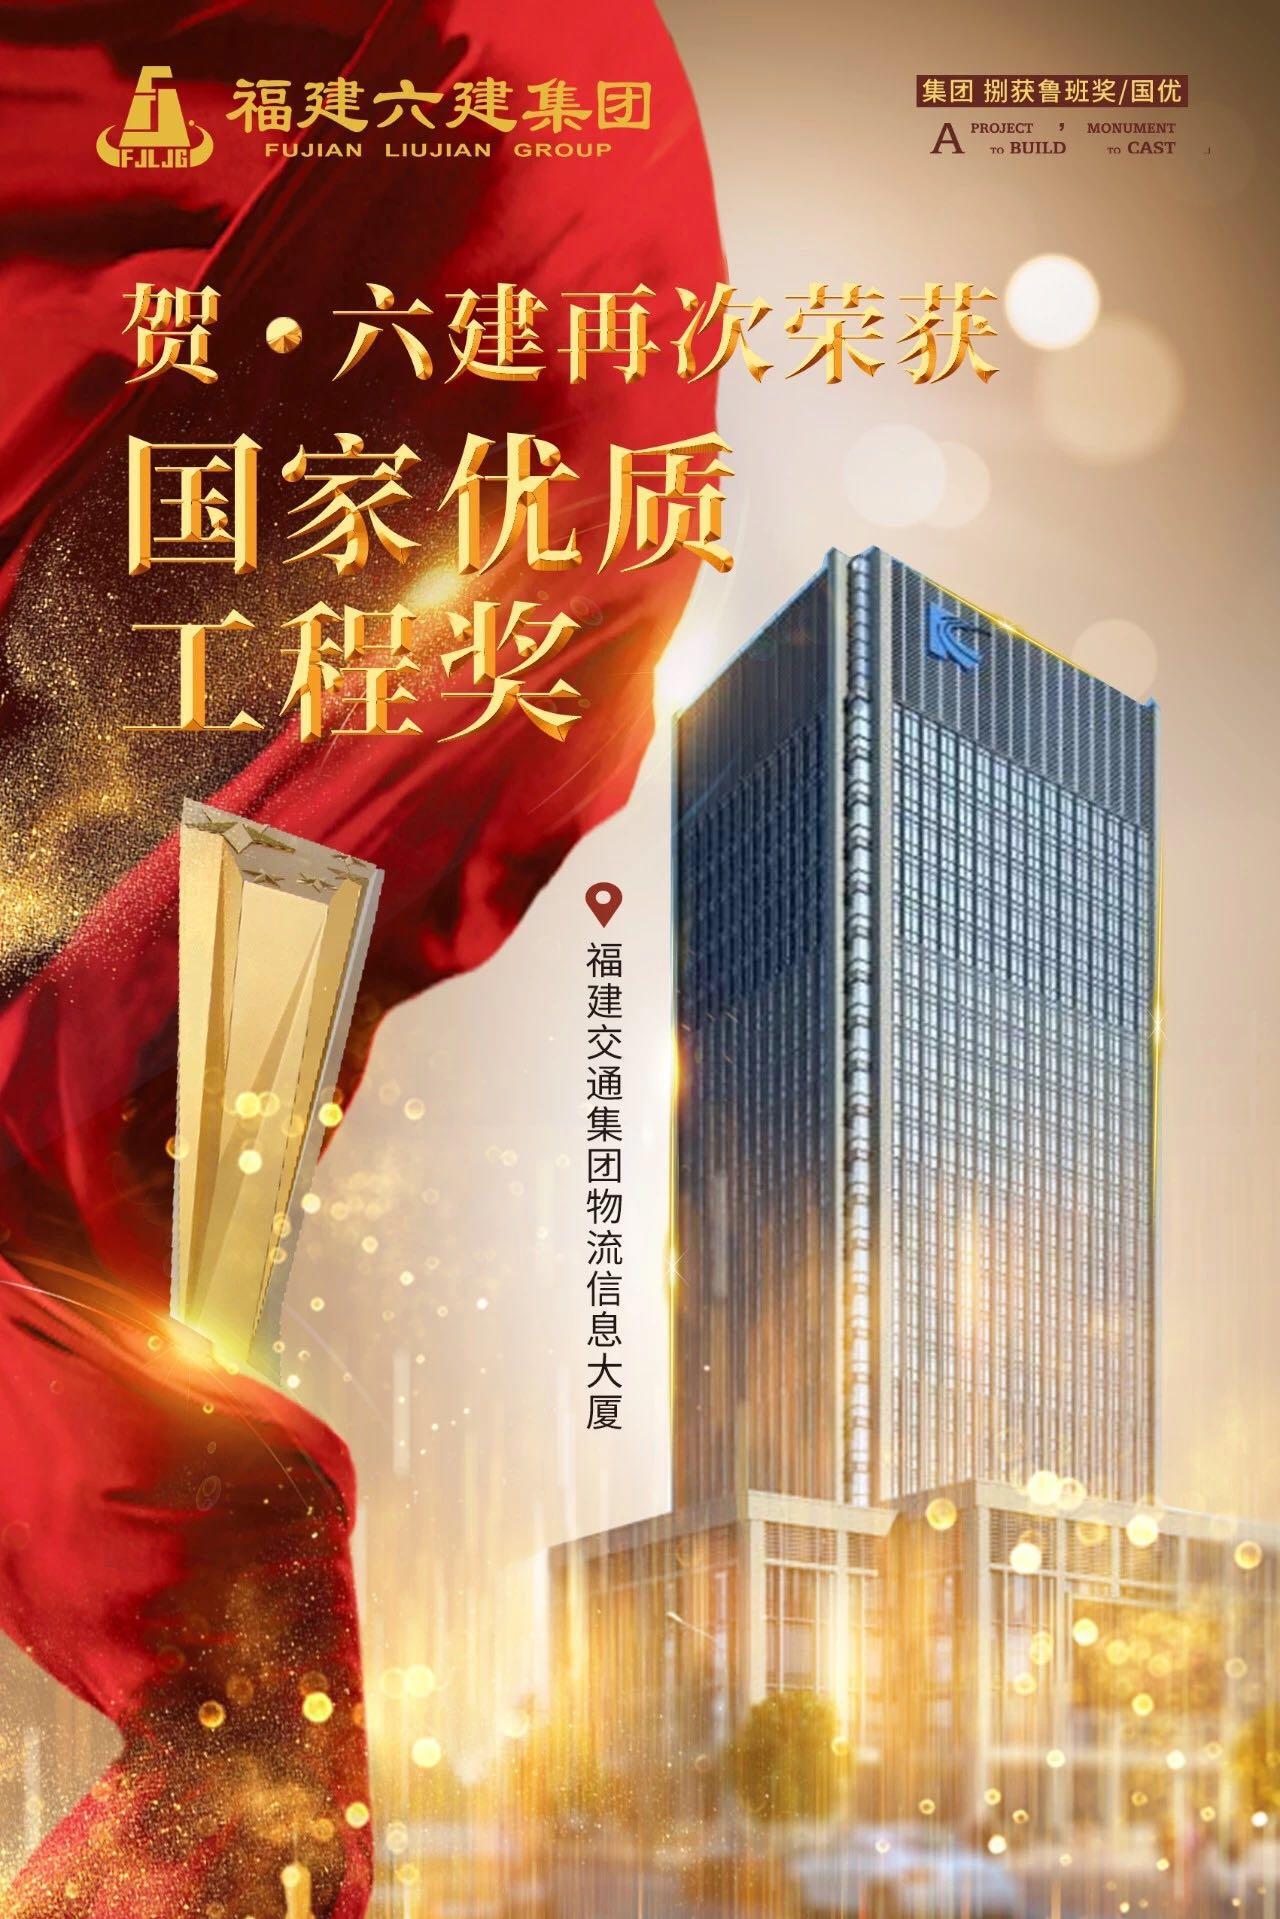 3-福建六建集团第八次荣获国家级优质工程奖.jpg